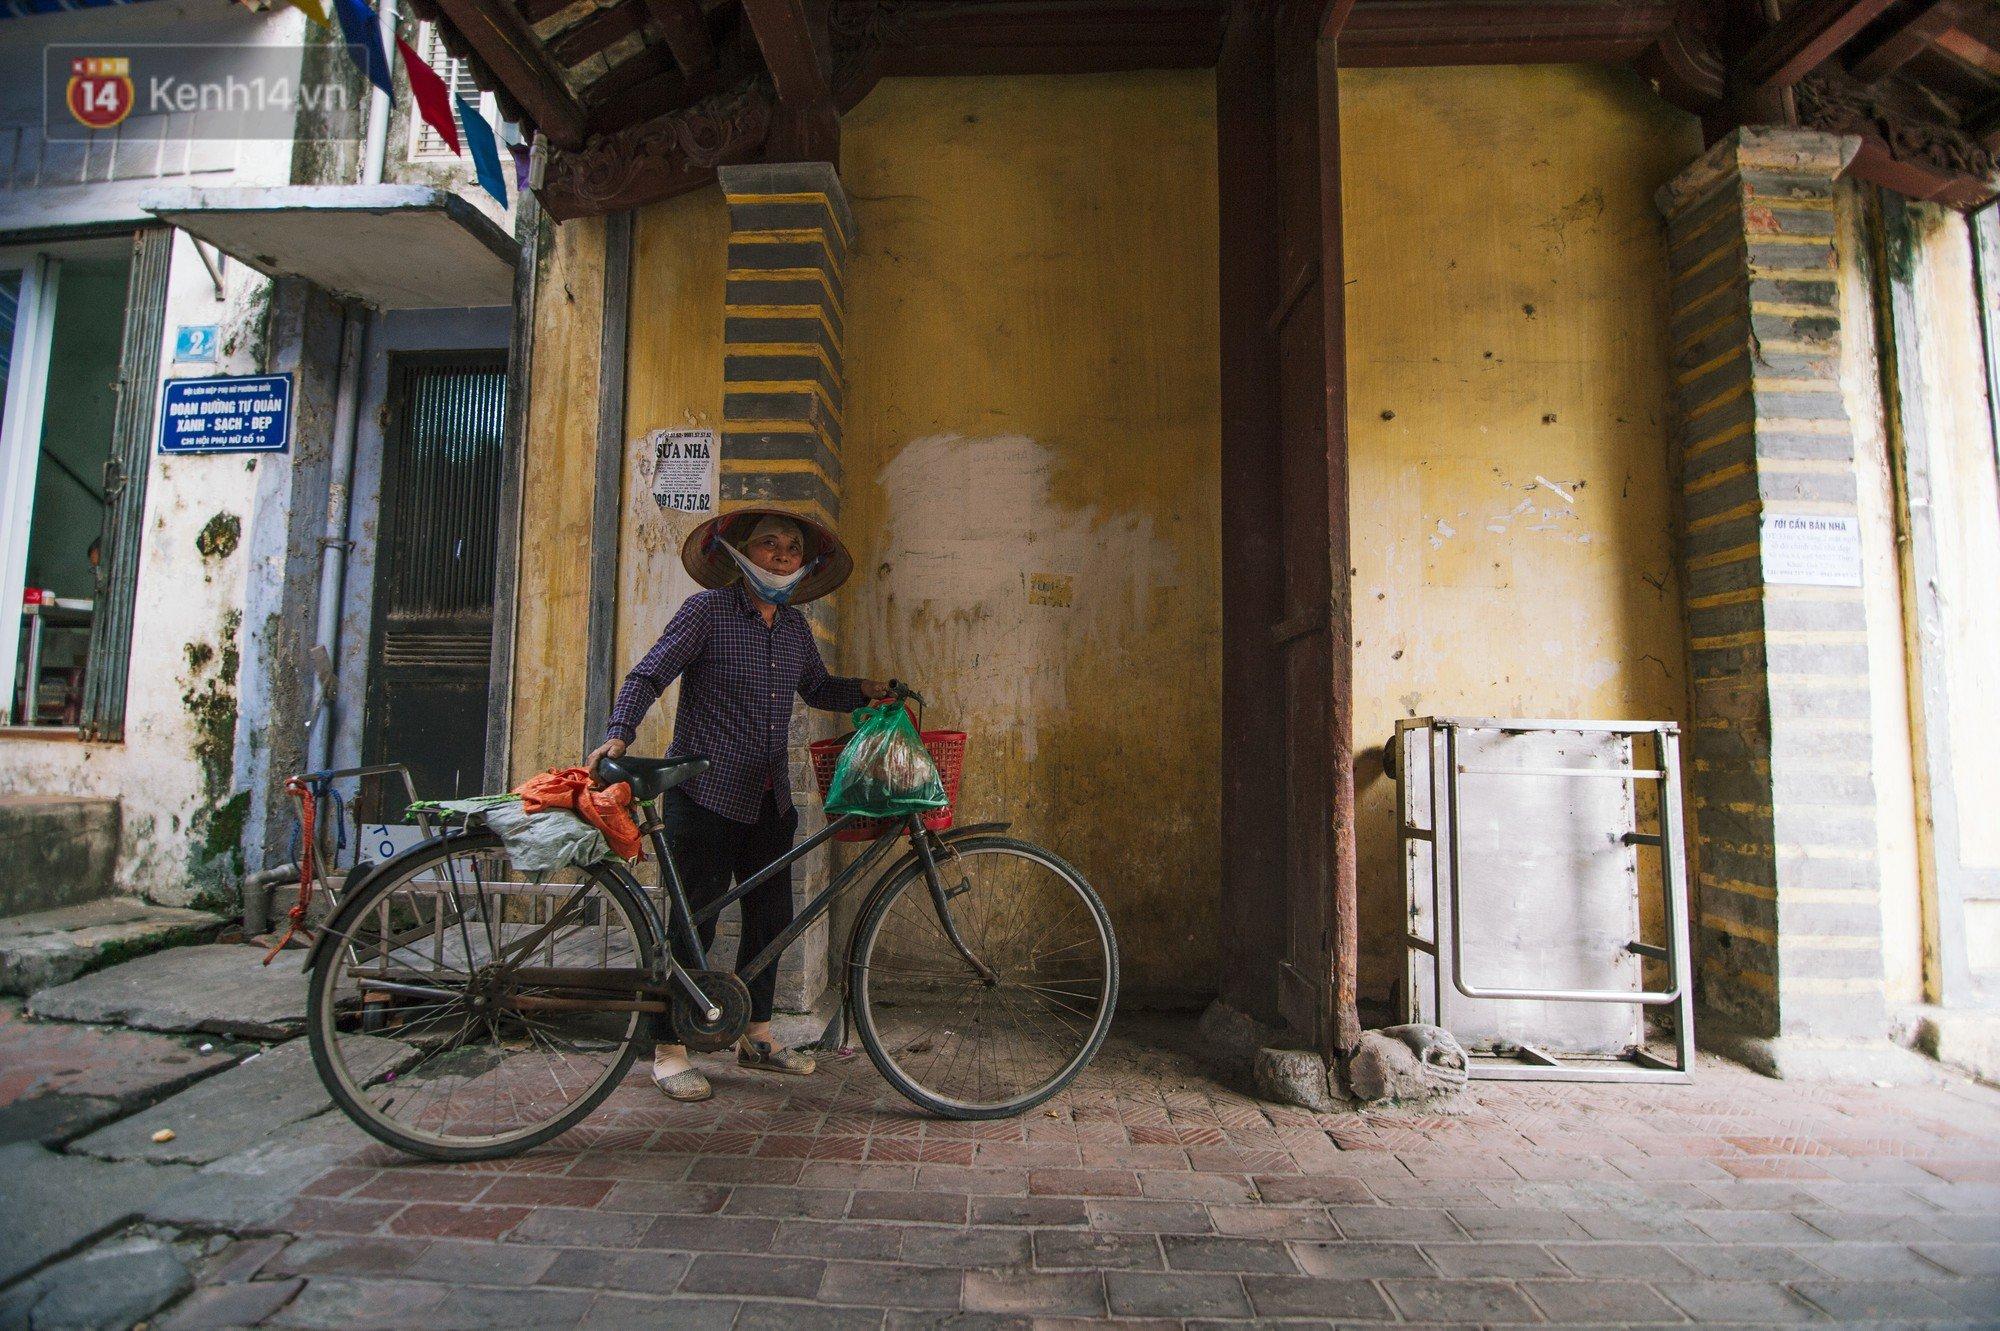 Chuyện về một con phố có nhiều cổng làng nhất Hà Nội: Đưa chân qua cổng phải tôn trọng nếp làng - Ảnh 9.